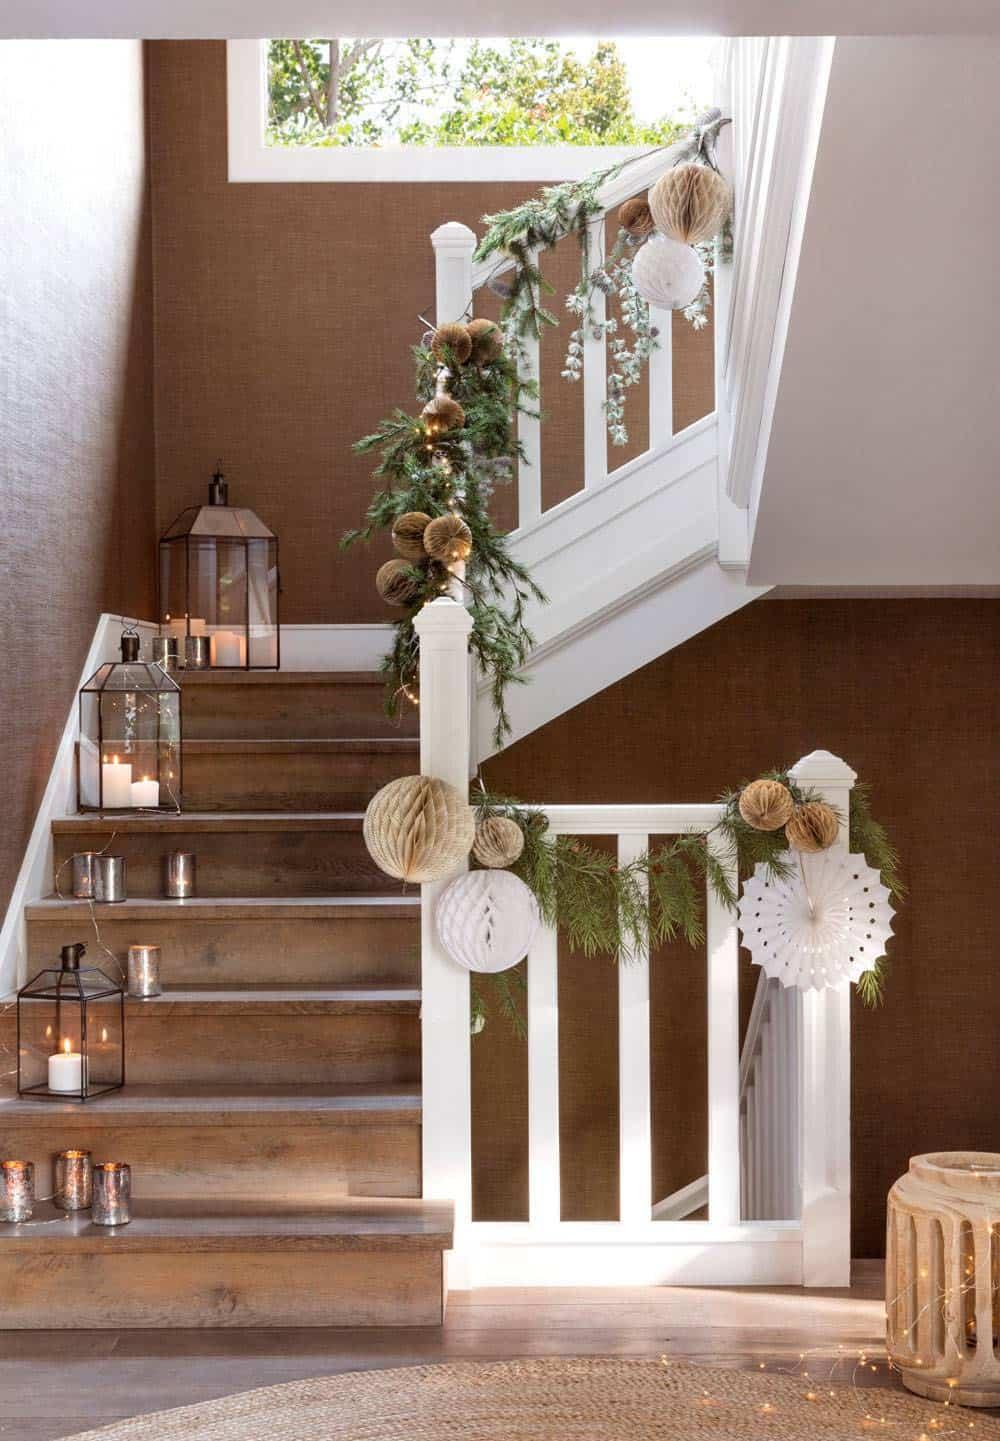 christmas-decor-ideas-staircase